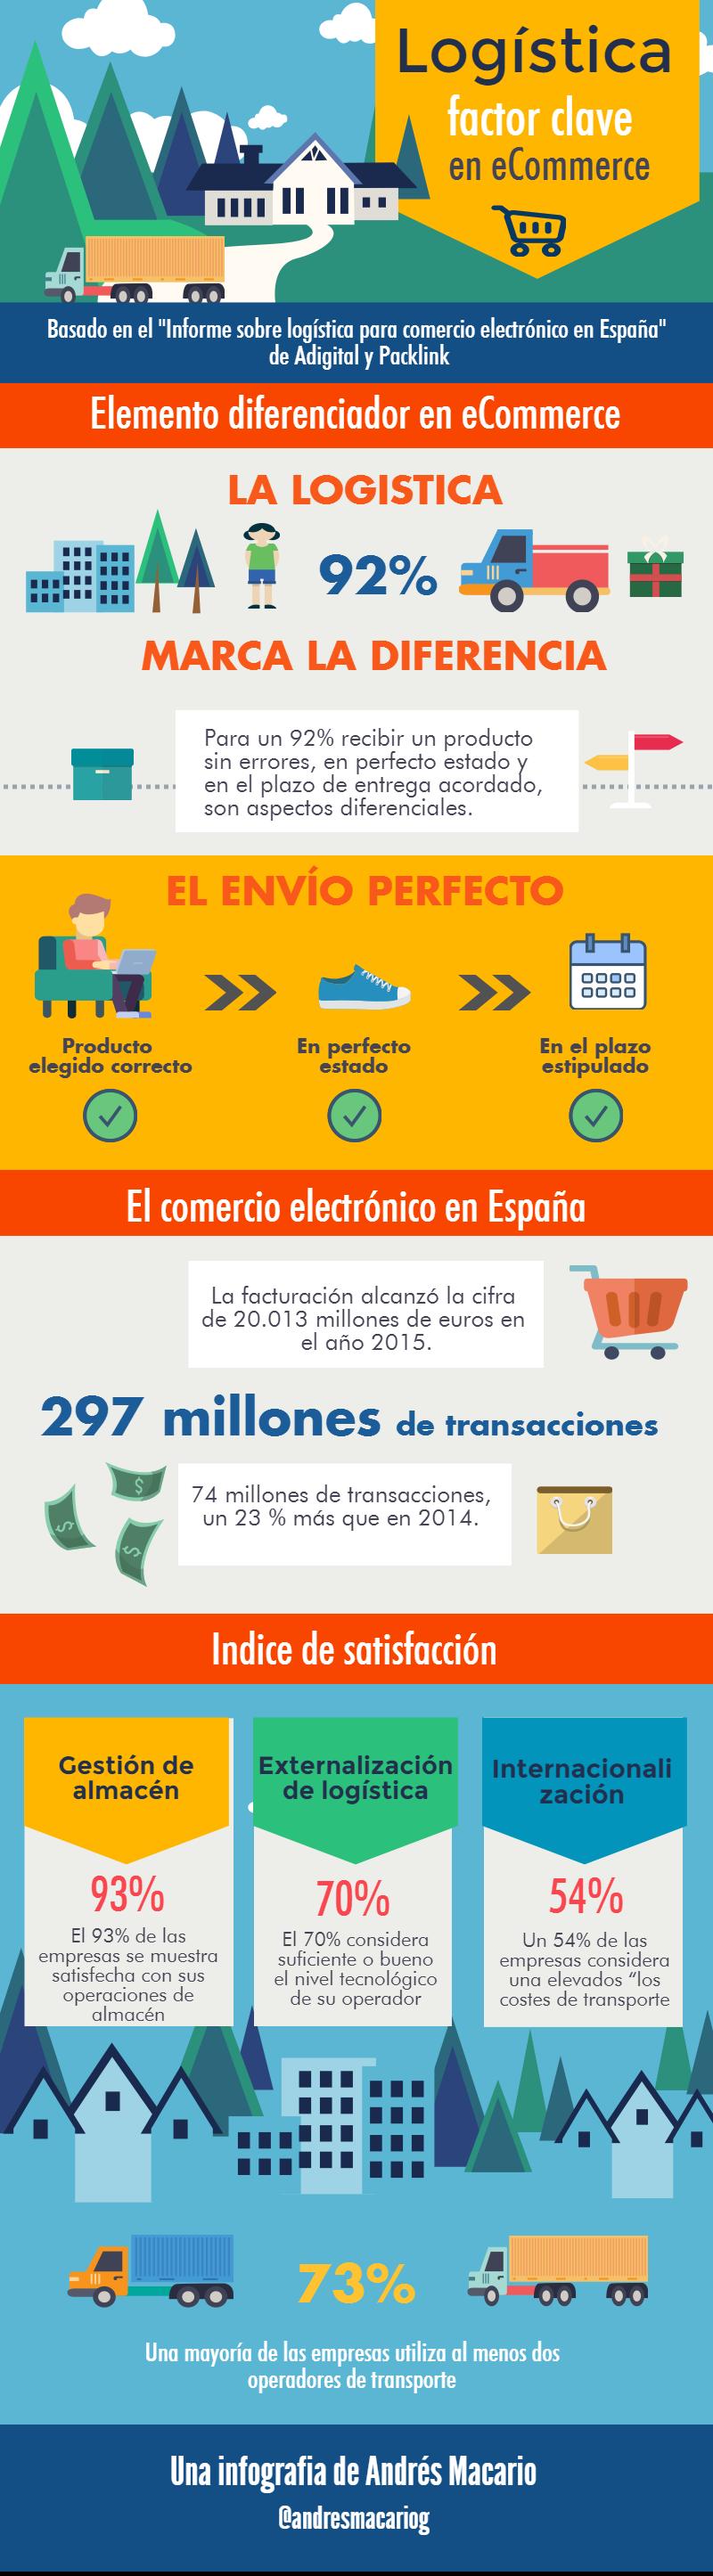 Logística: factor clave para el Comercio Electrónico #infografia #ecommerce